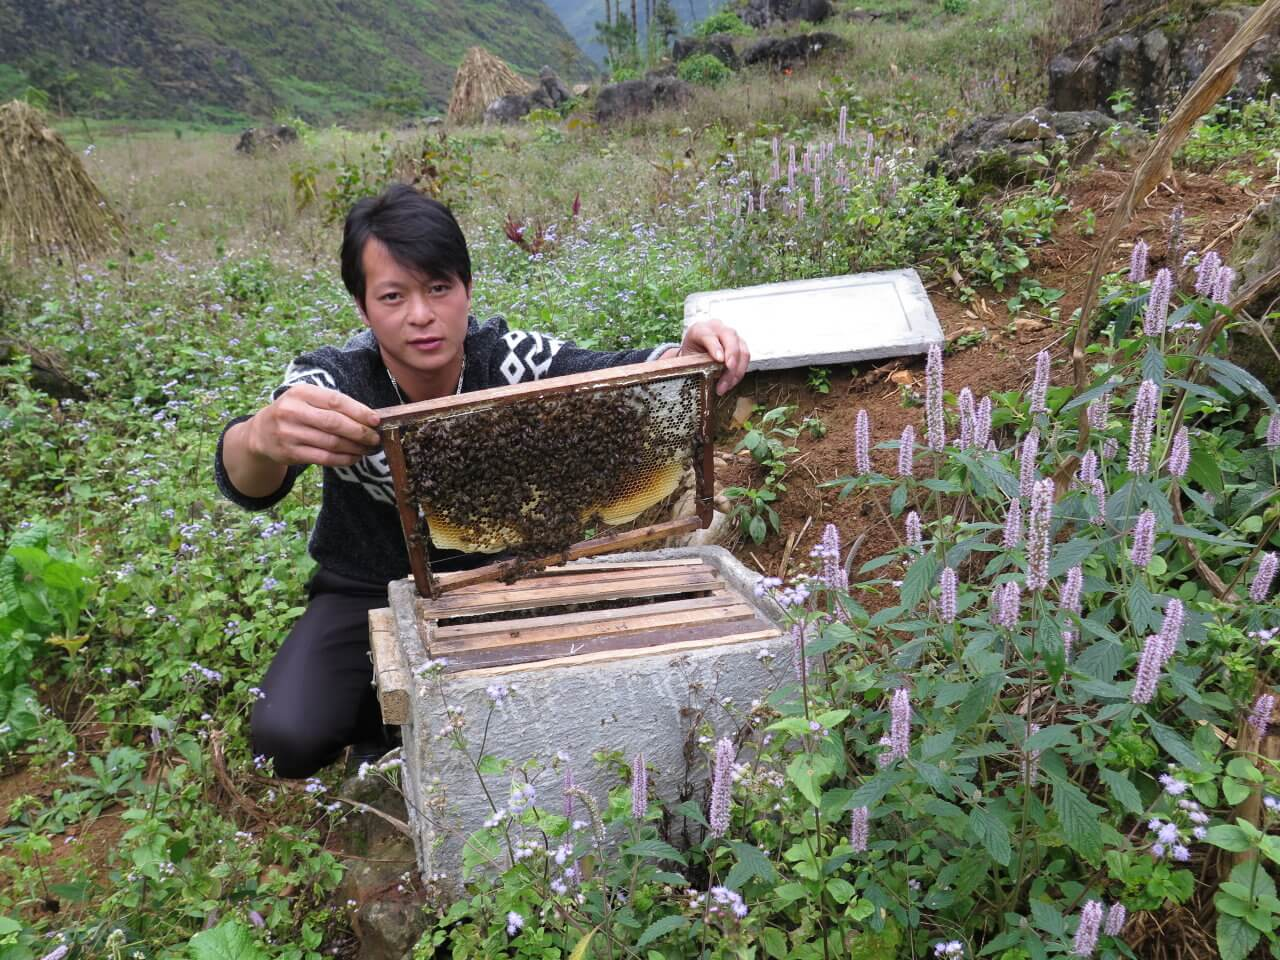 yếu tố ảnh hưởng tới chất lượng mật ong bạc hà